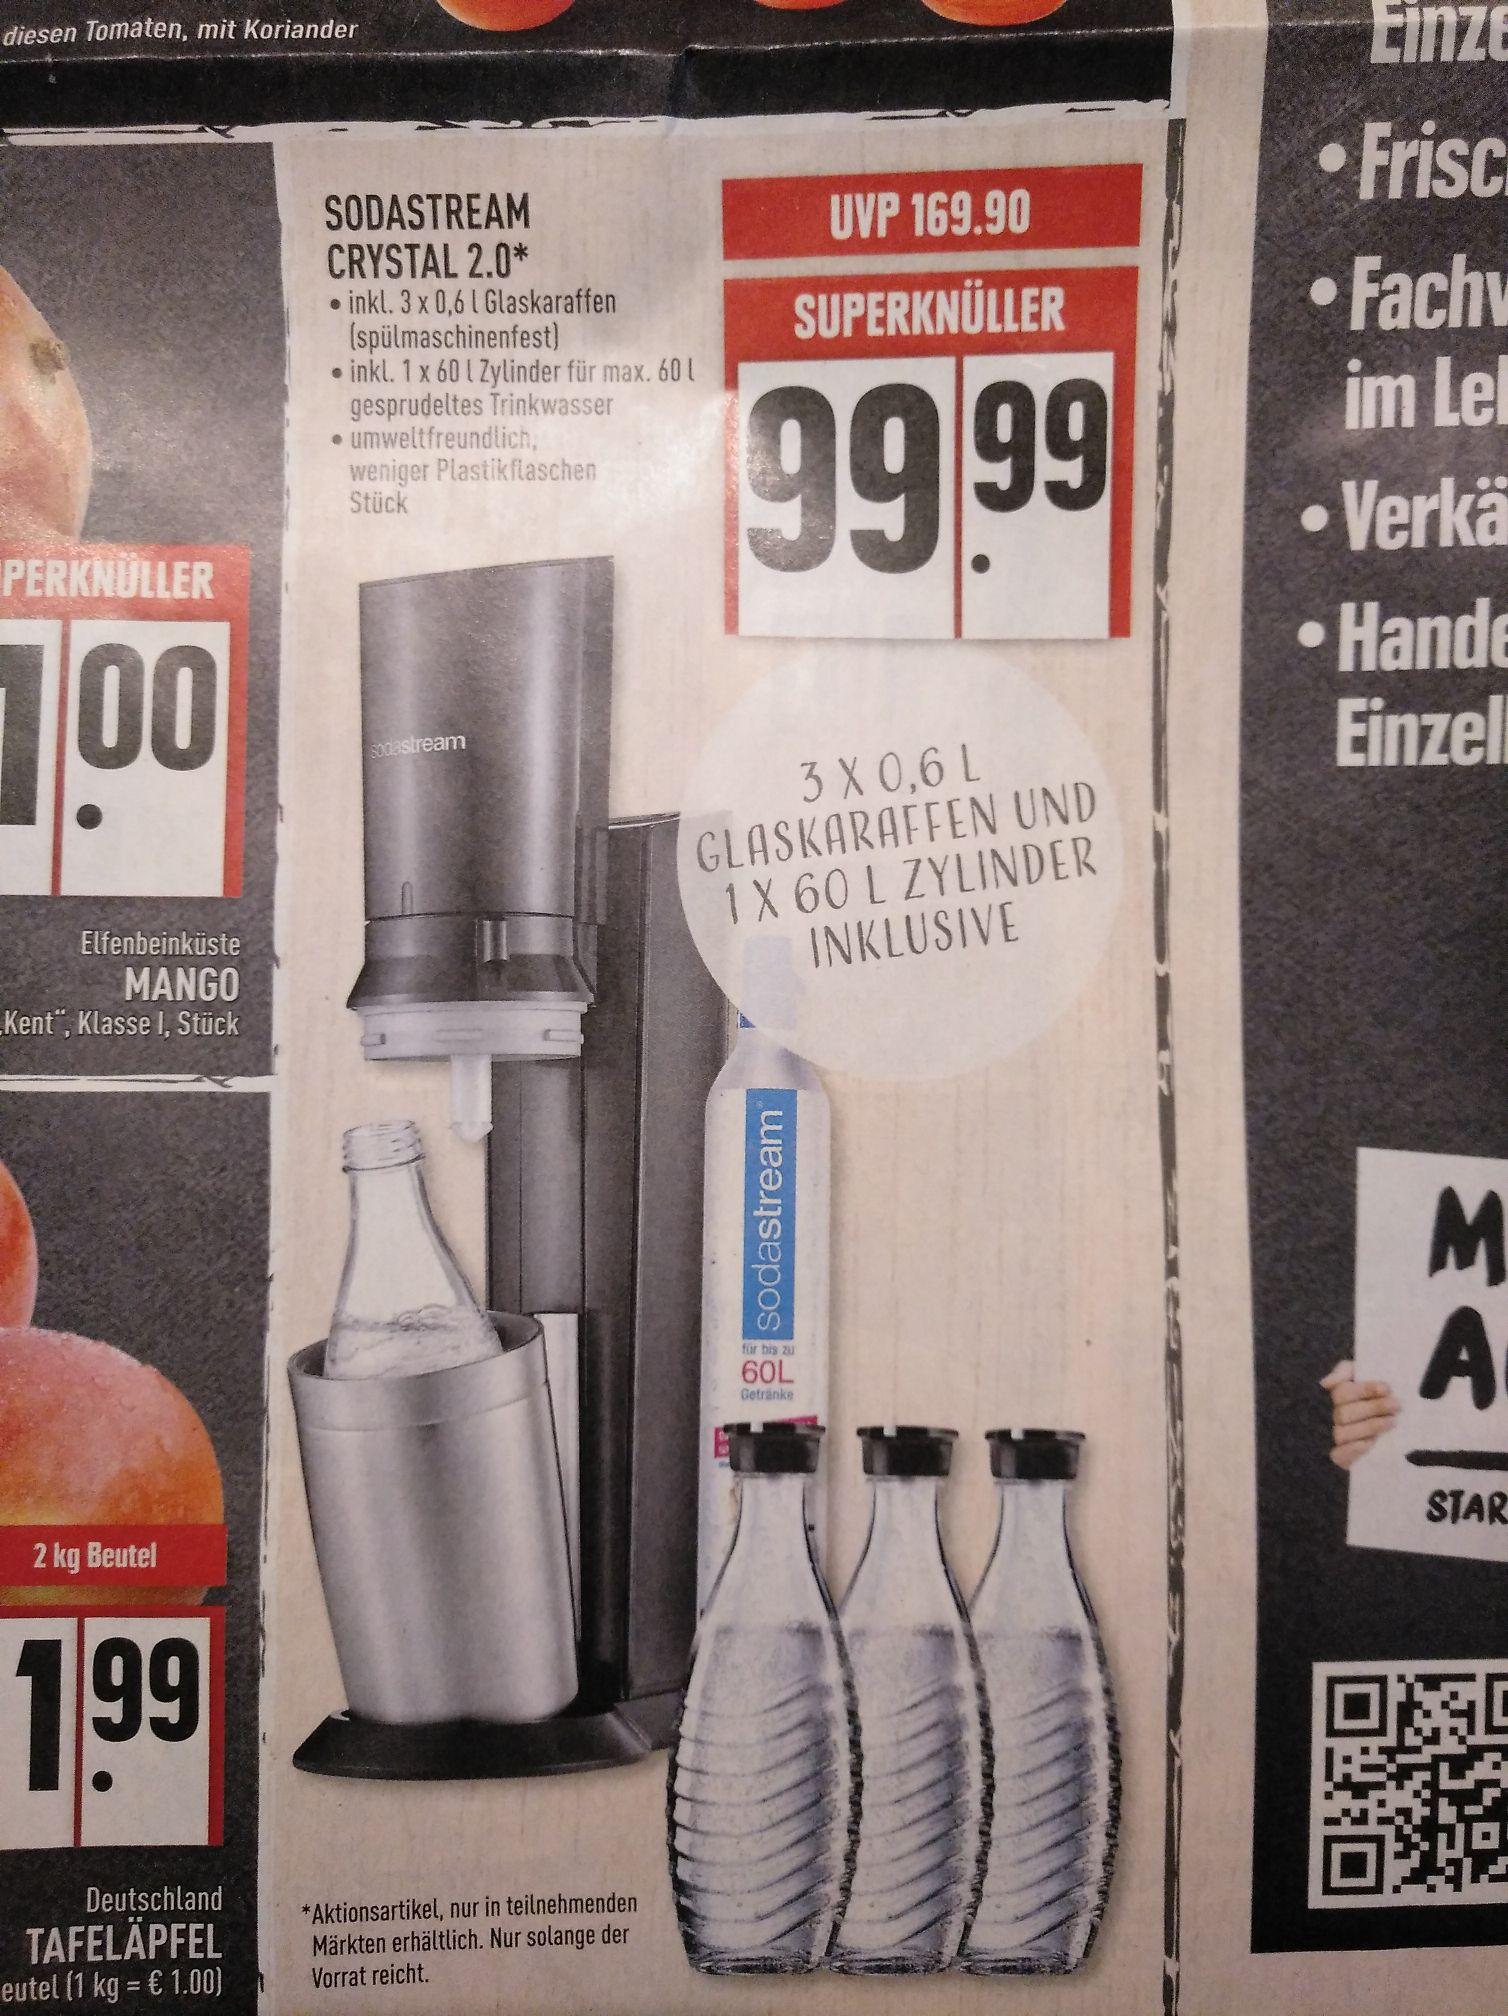 Edeka Rhein Ruhr - Soda Stream Chrystal mit 3 Flaschen